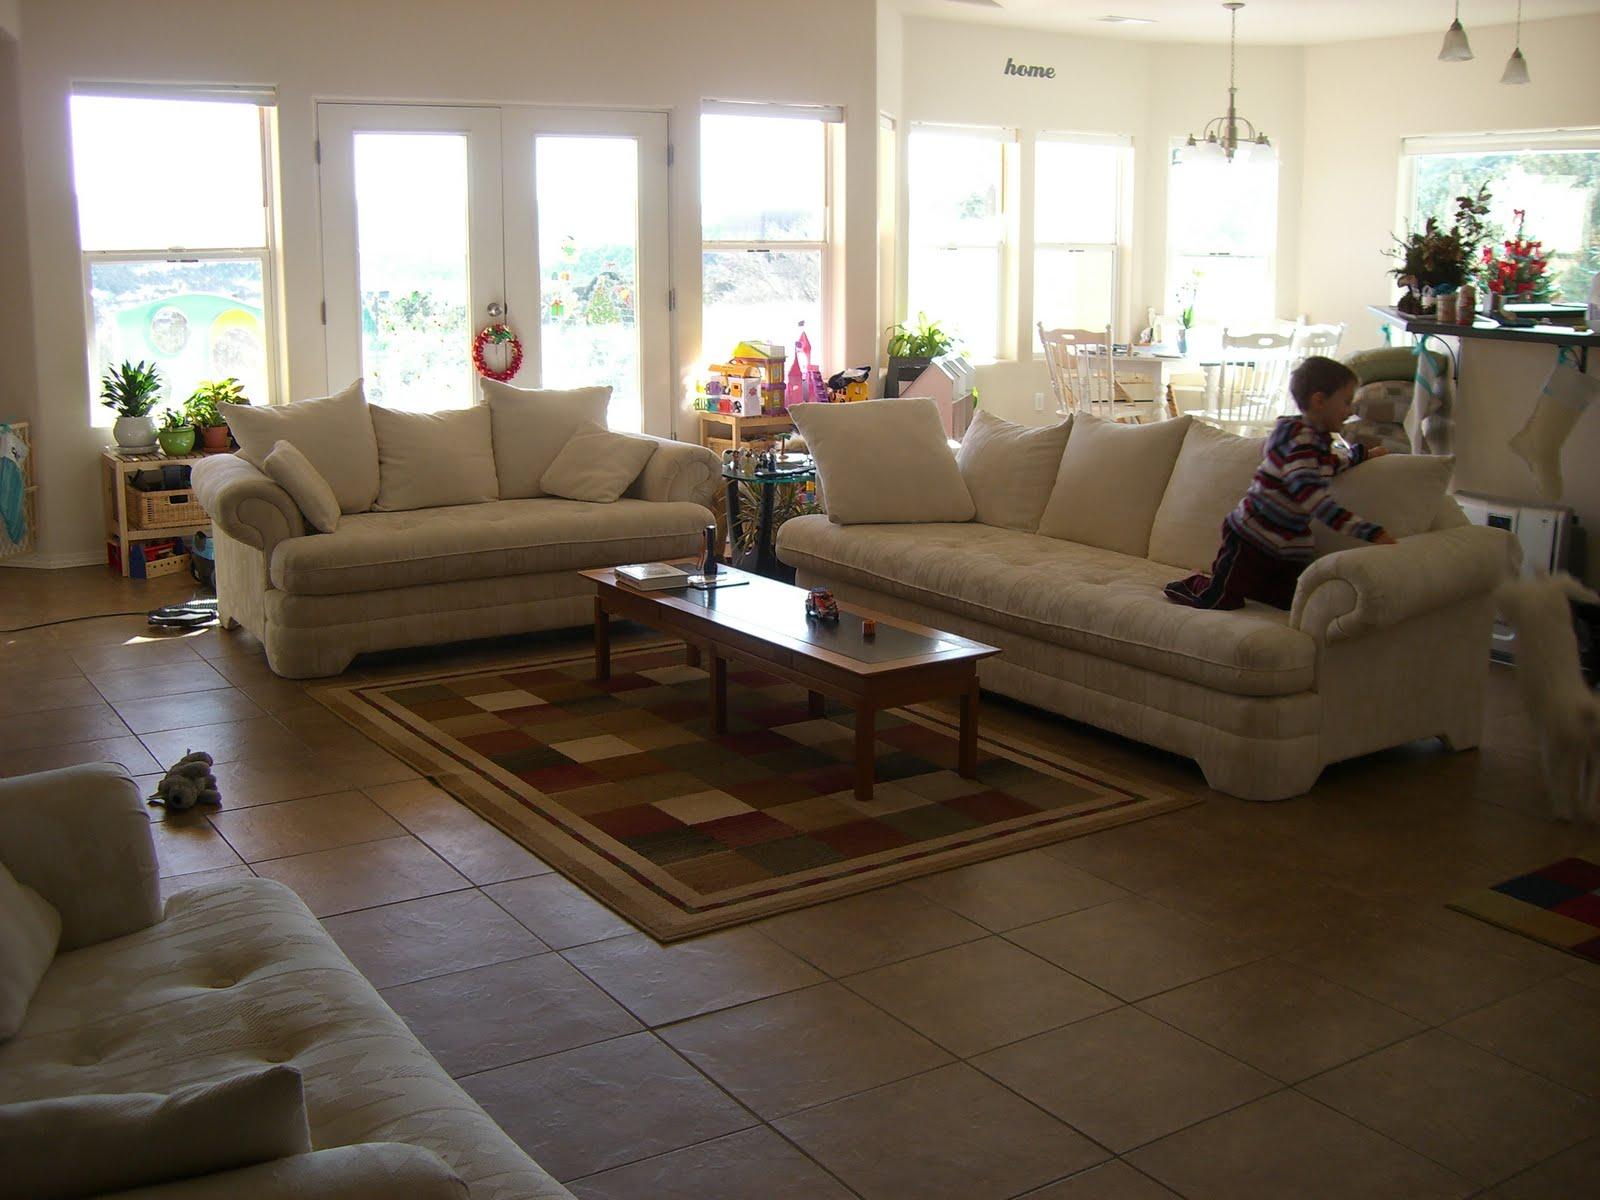 White Sofas U0026 Children   IKEA Ektorp Sofa Review Part 48